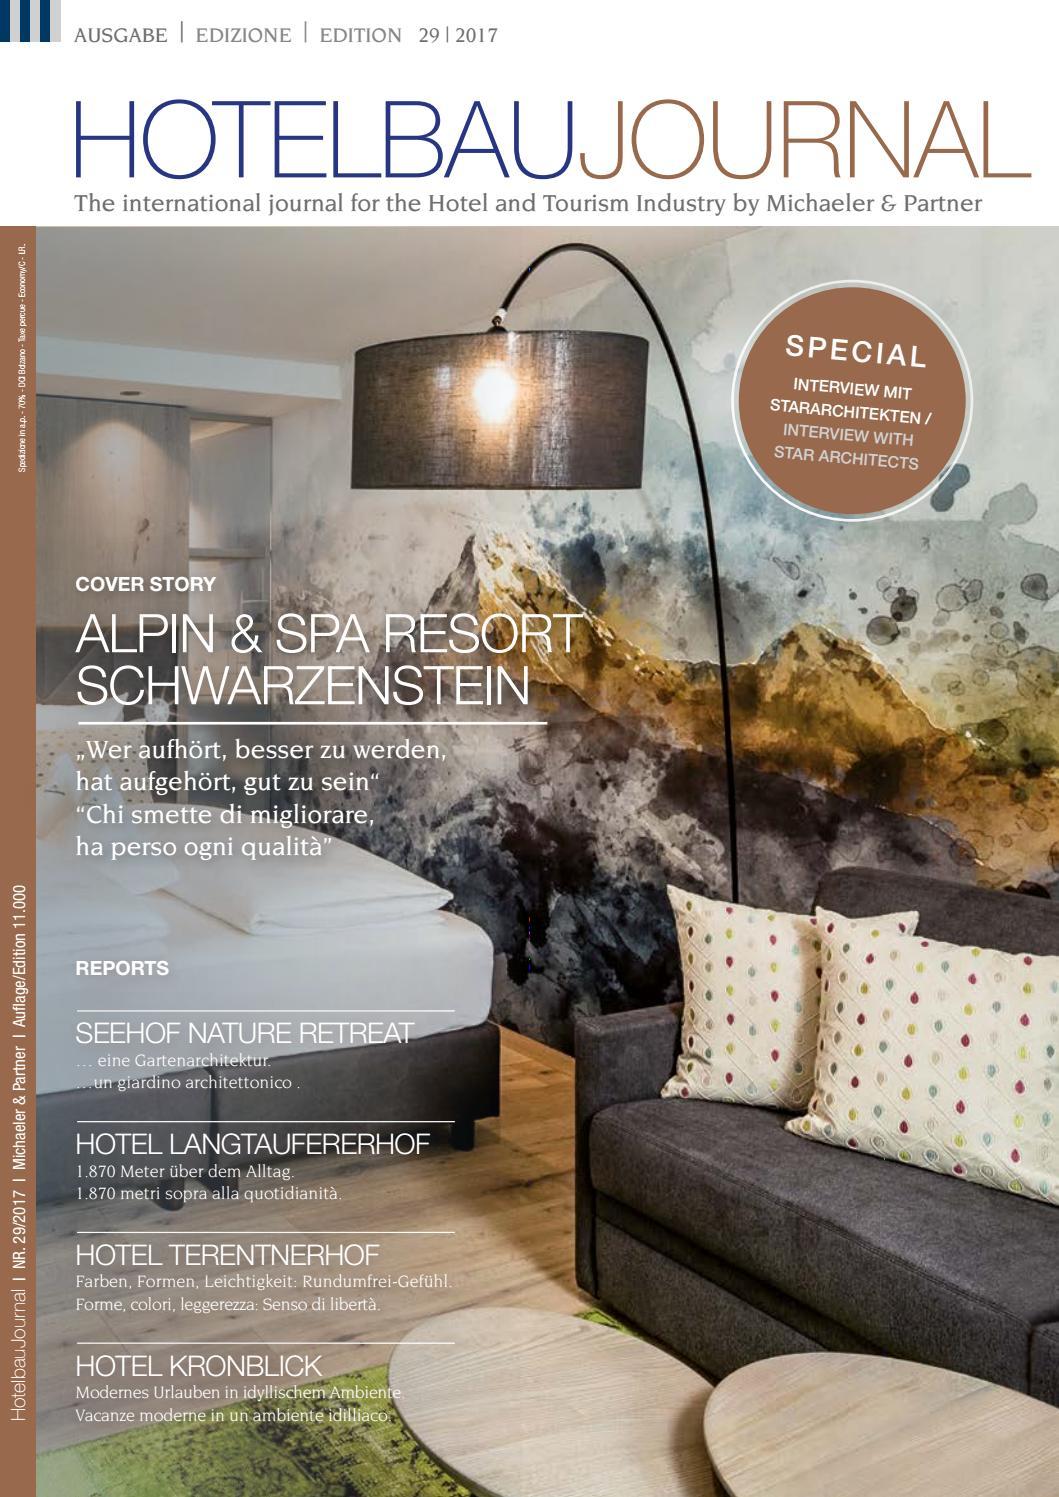 M&P Hotelbaujournal Nr. 29 (September 2017) by Michaeler